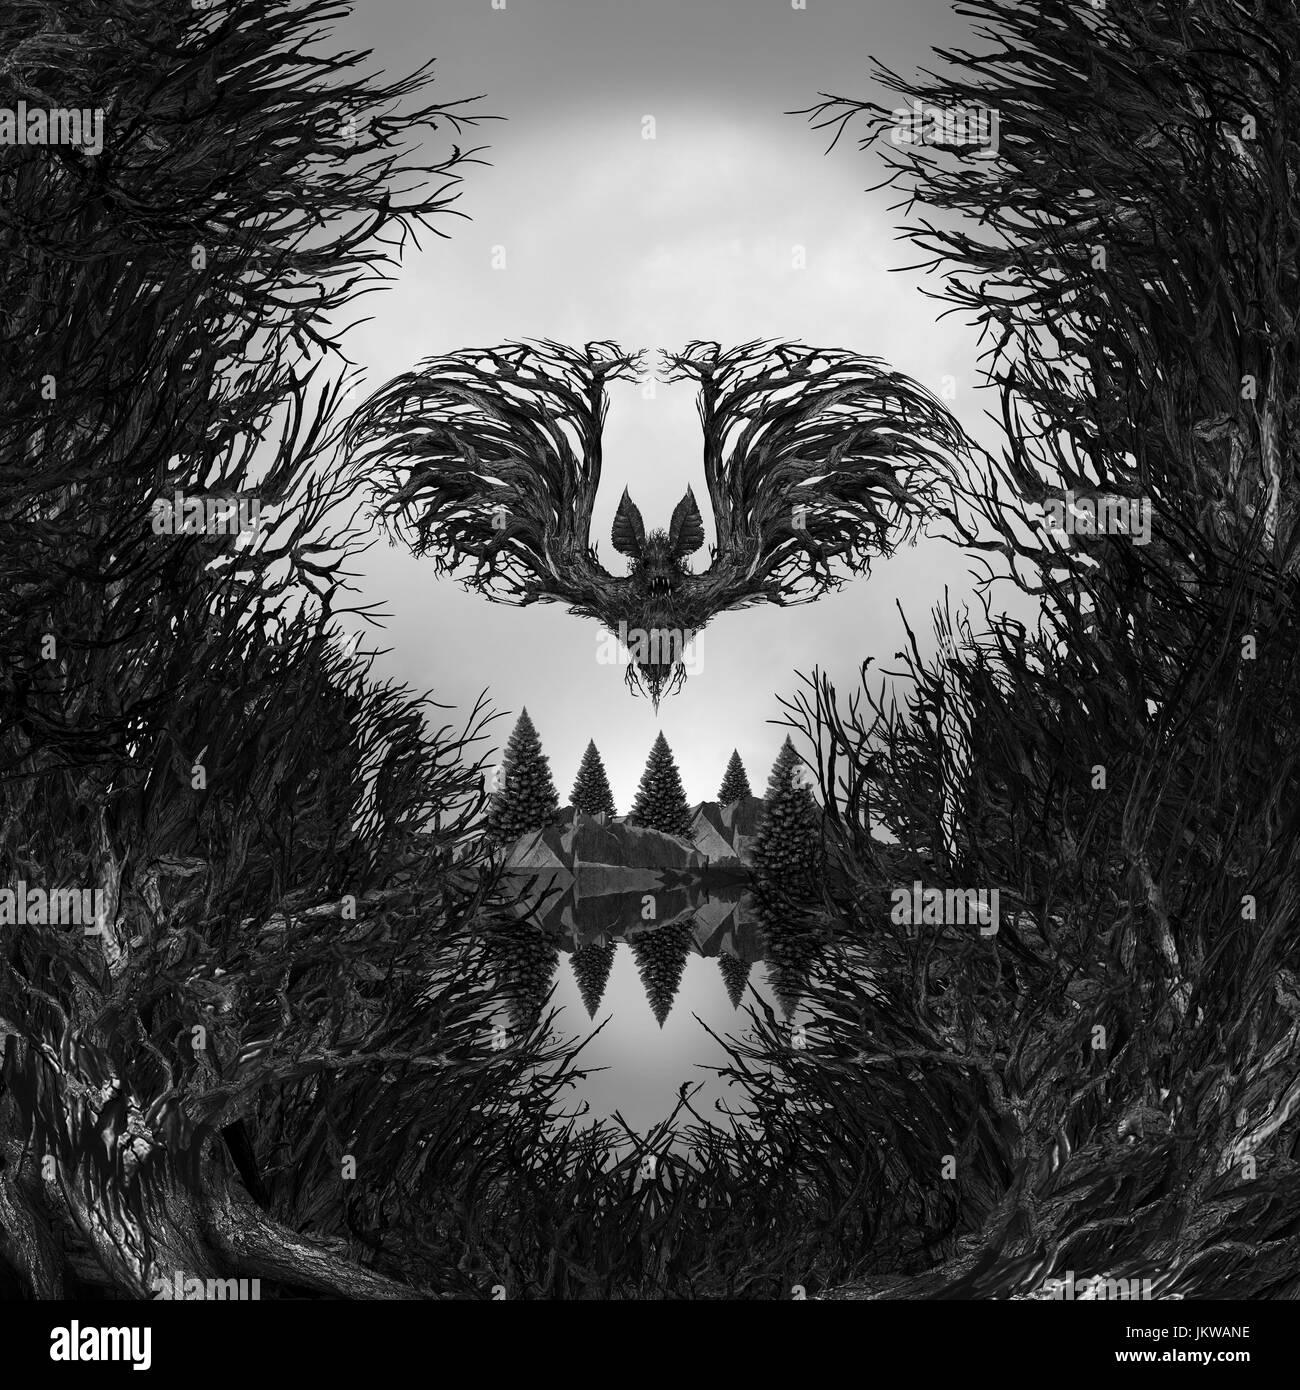 Cráneo de miedo fondo como un surrealista haunted bosque con árboles muertos y con forma de montaña Imagen De Stock